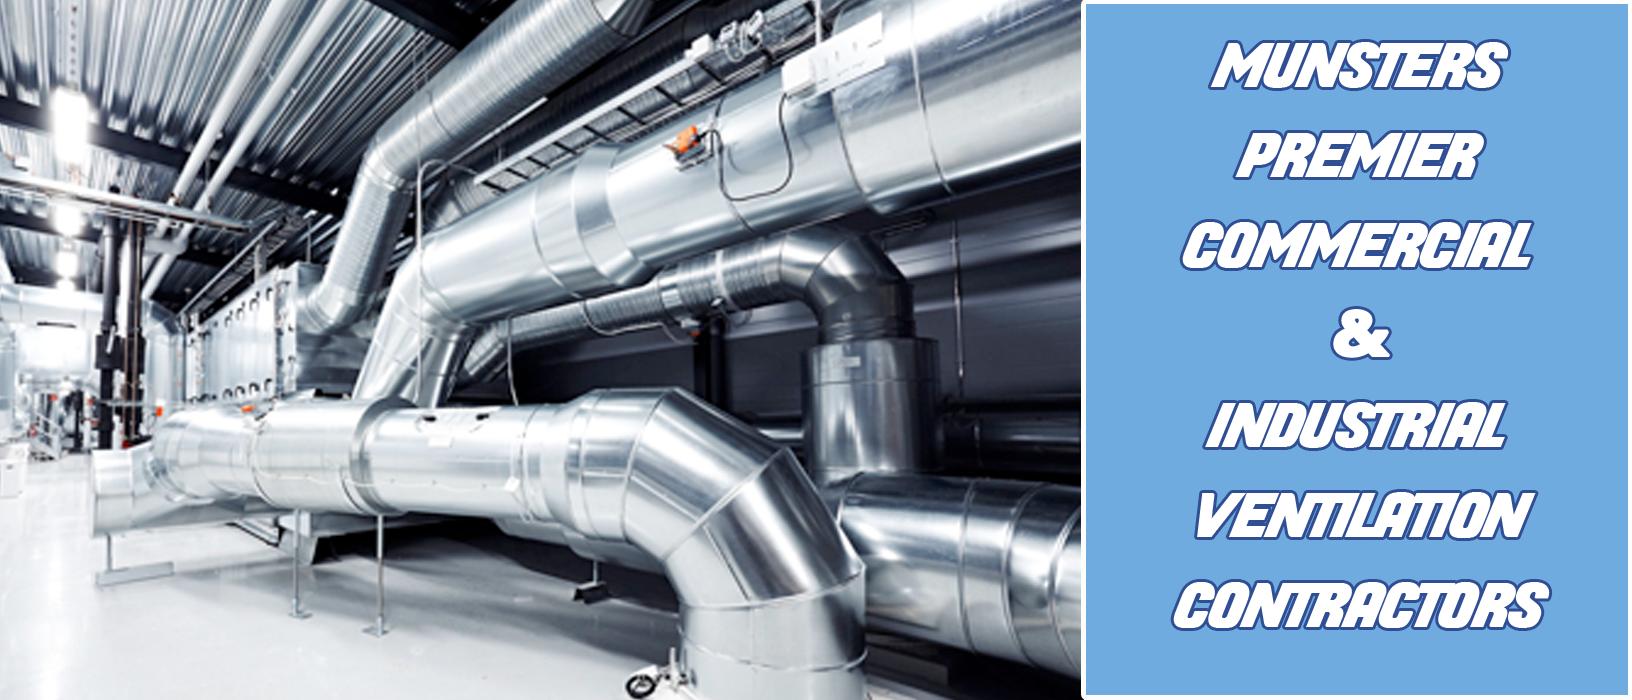 PK Ventilation Systems Ltd - Ventilation Installation